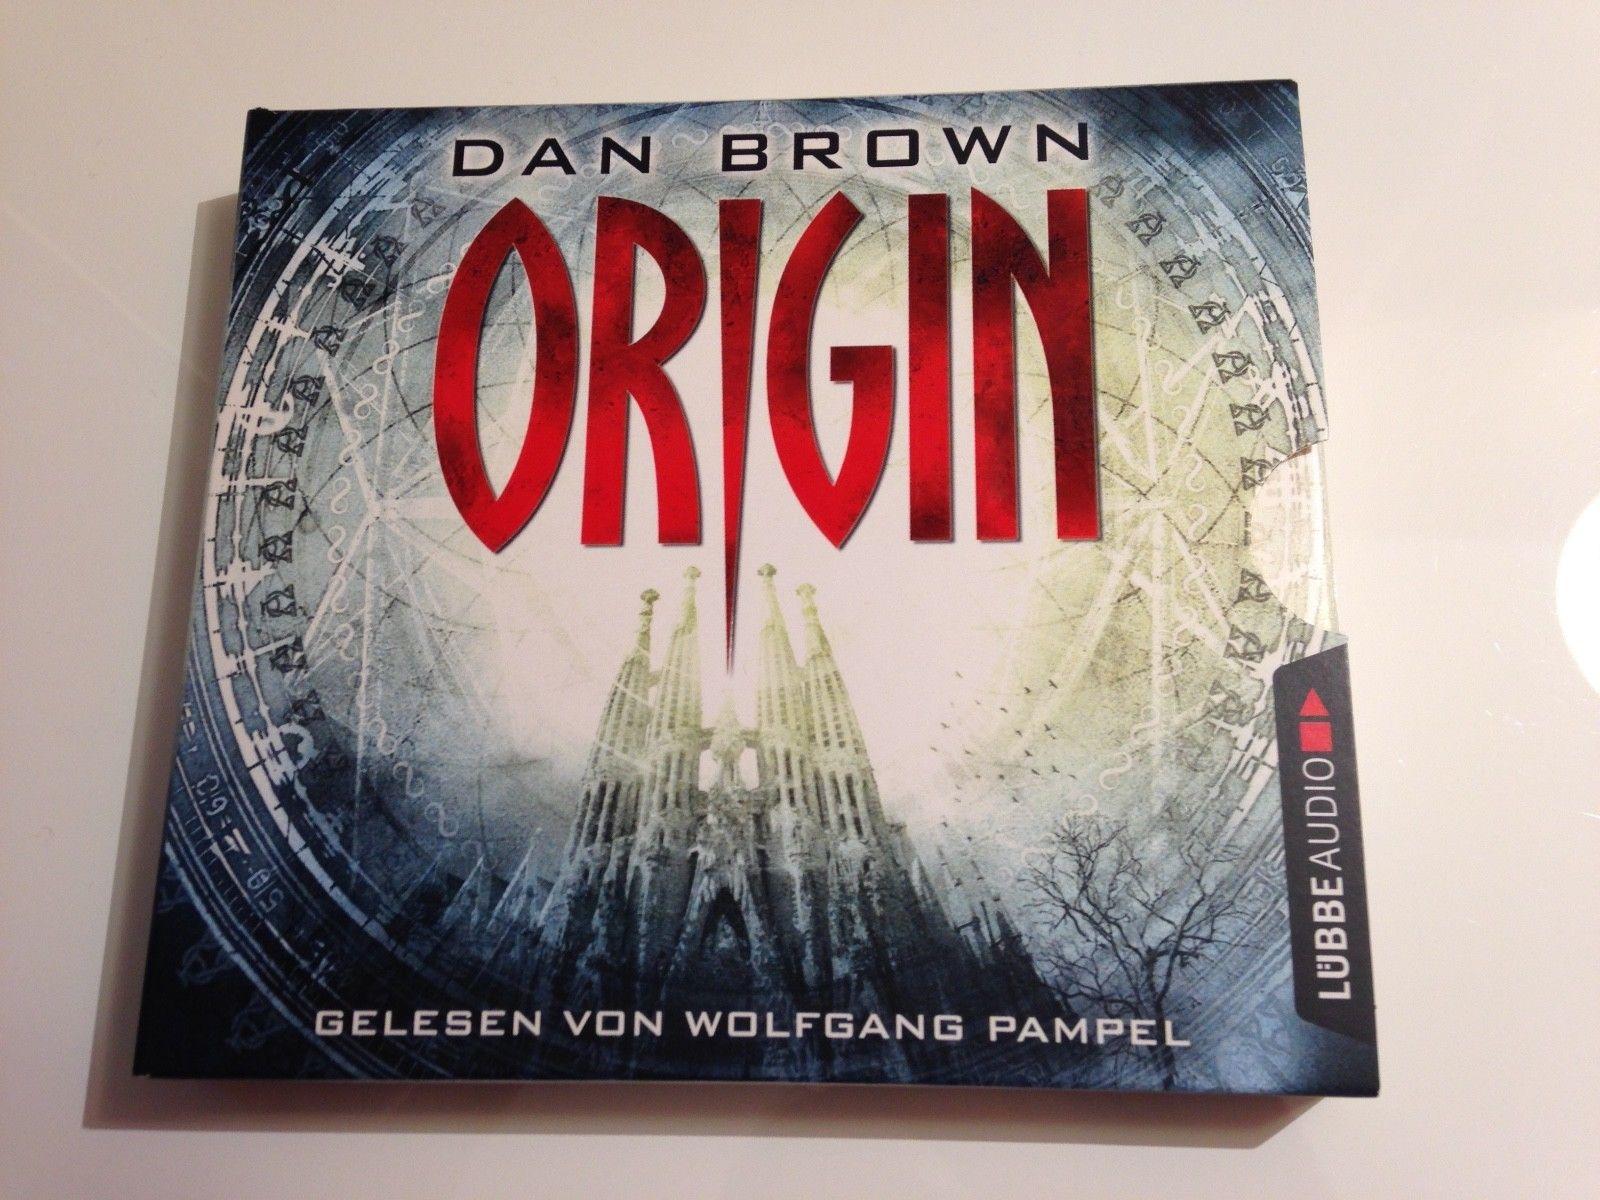 Origin - Dan Brown Hörbuch CD